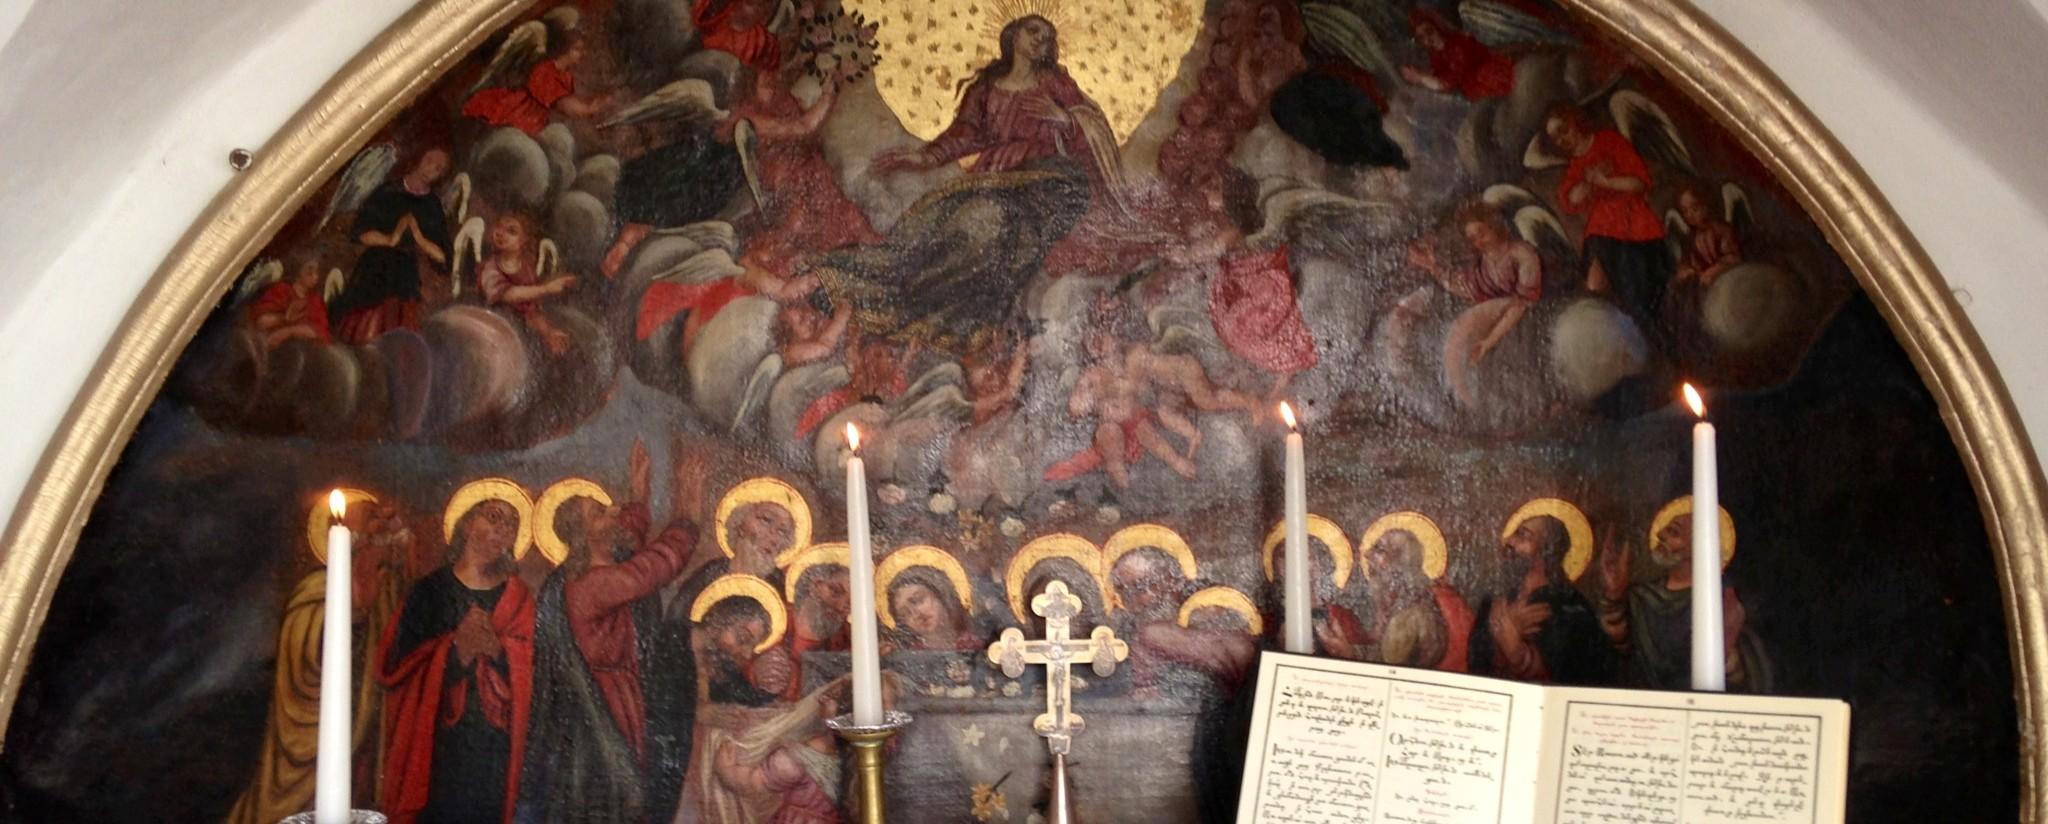 12 апостолов Христа имели двойников-женщин: ученые заявили о раскрытии тайны, которая перевернет христианство